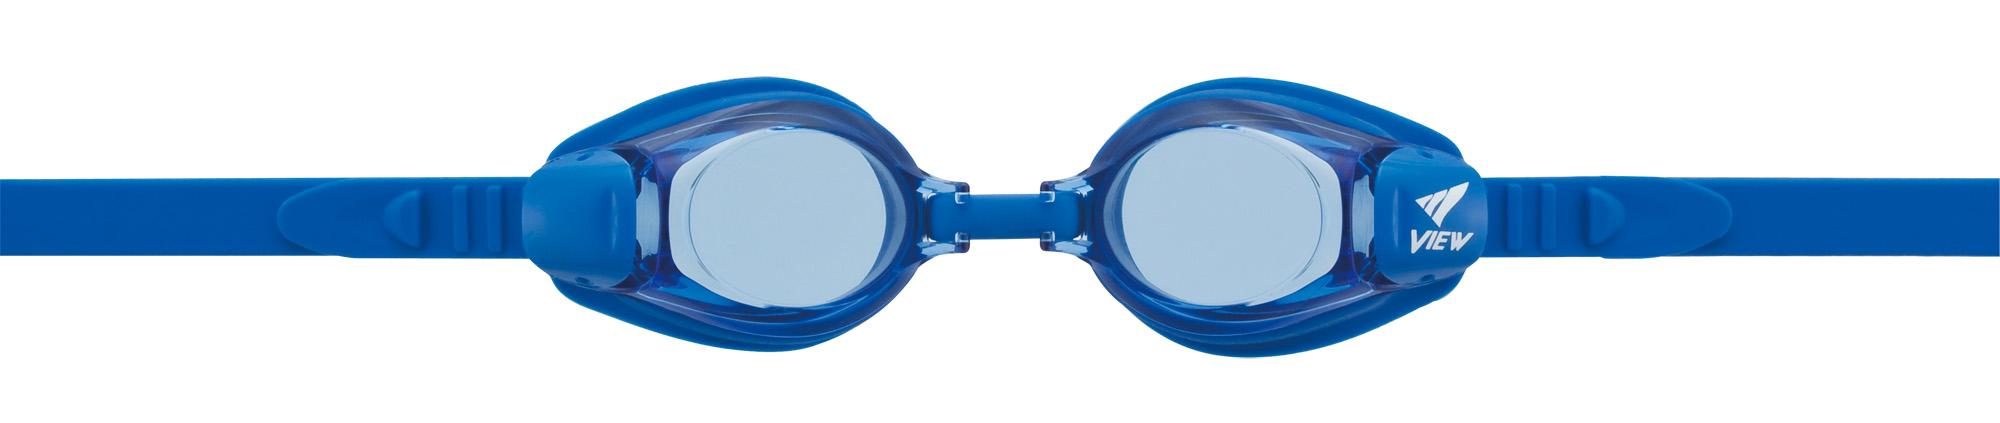 blaue Schwimmbrille, die auch mit Ihren Sehstärken versehen werden könnte